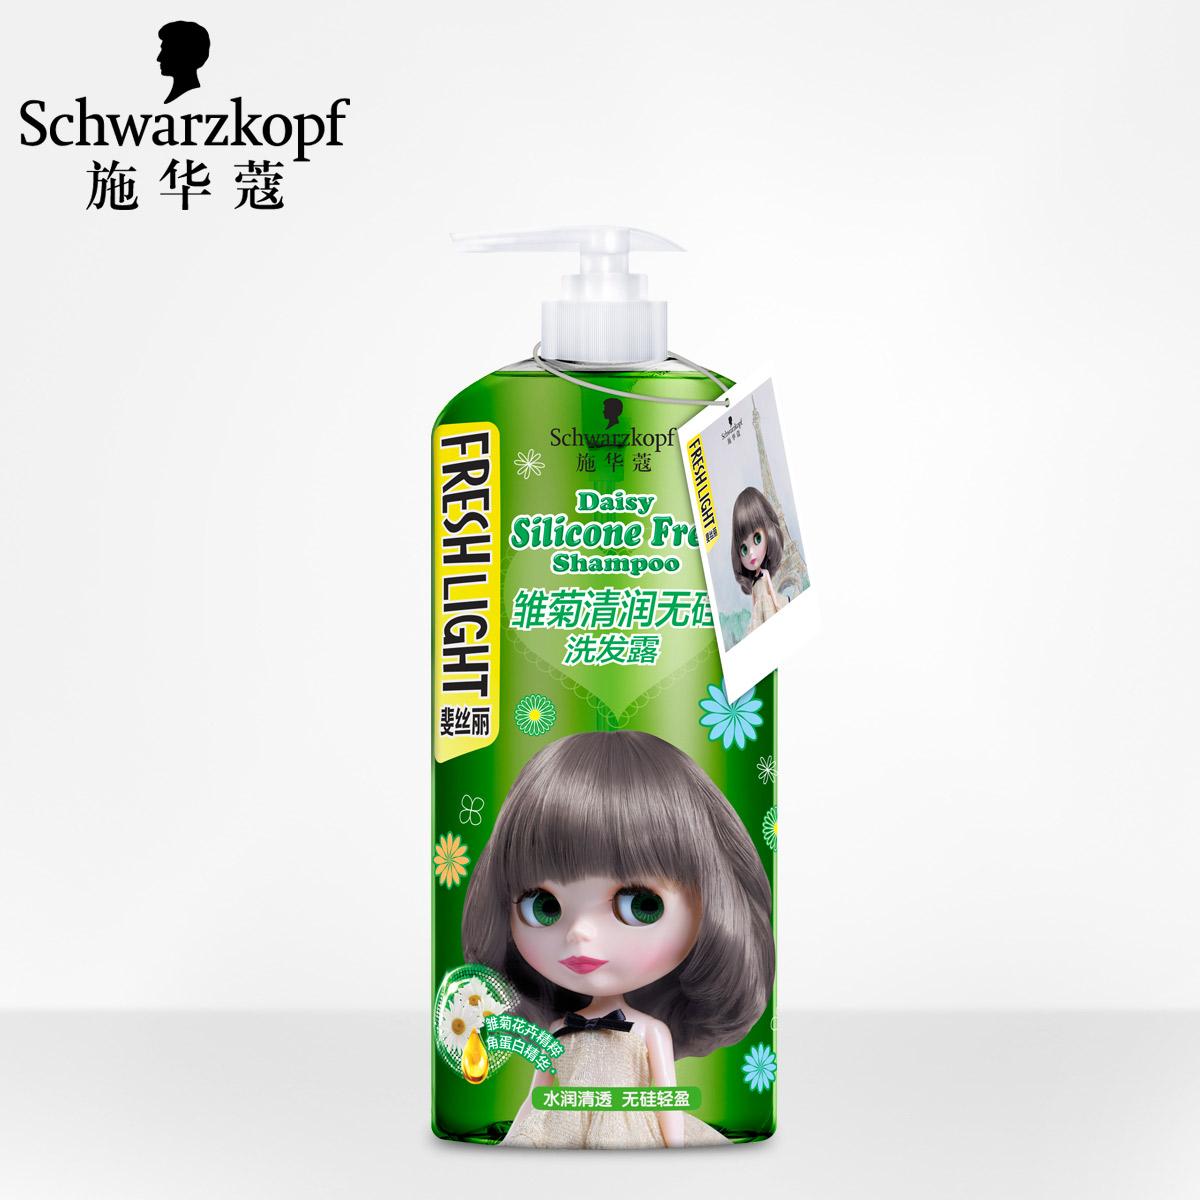 华尚居家日用专营店_Schwarzkopf/施华蔻品牌